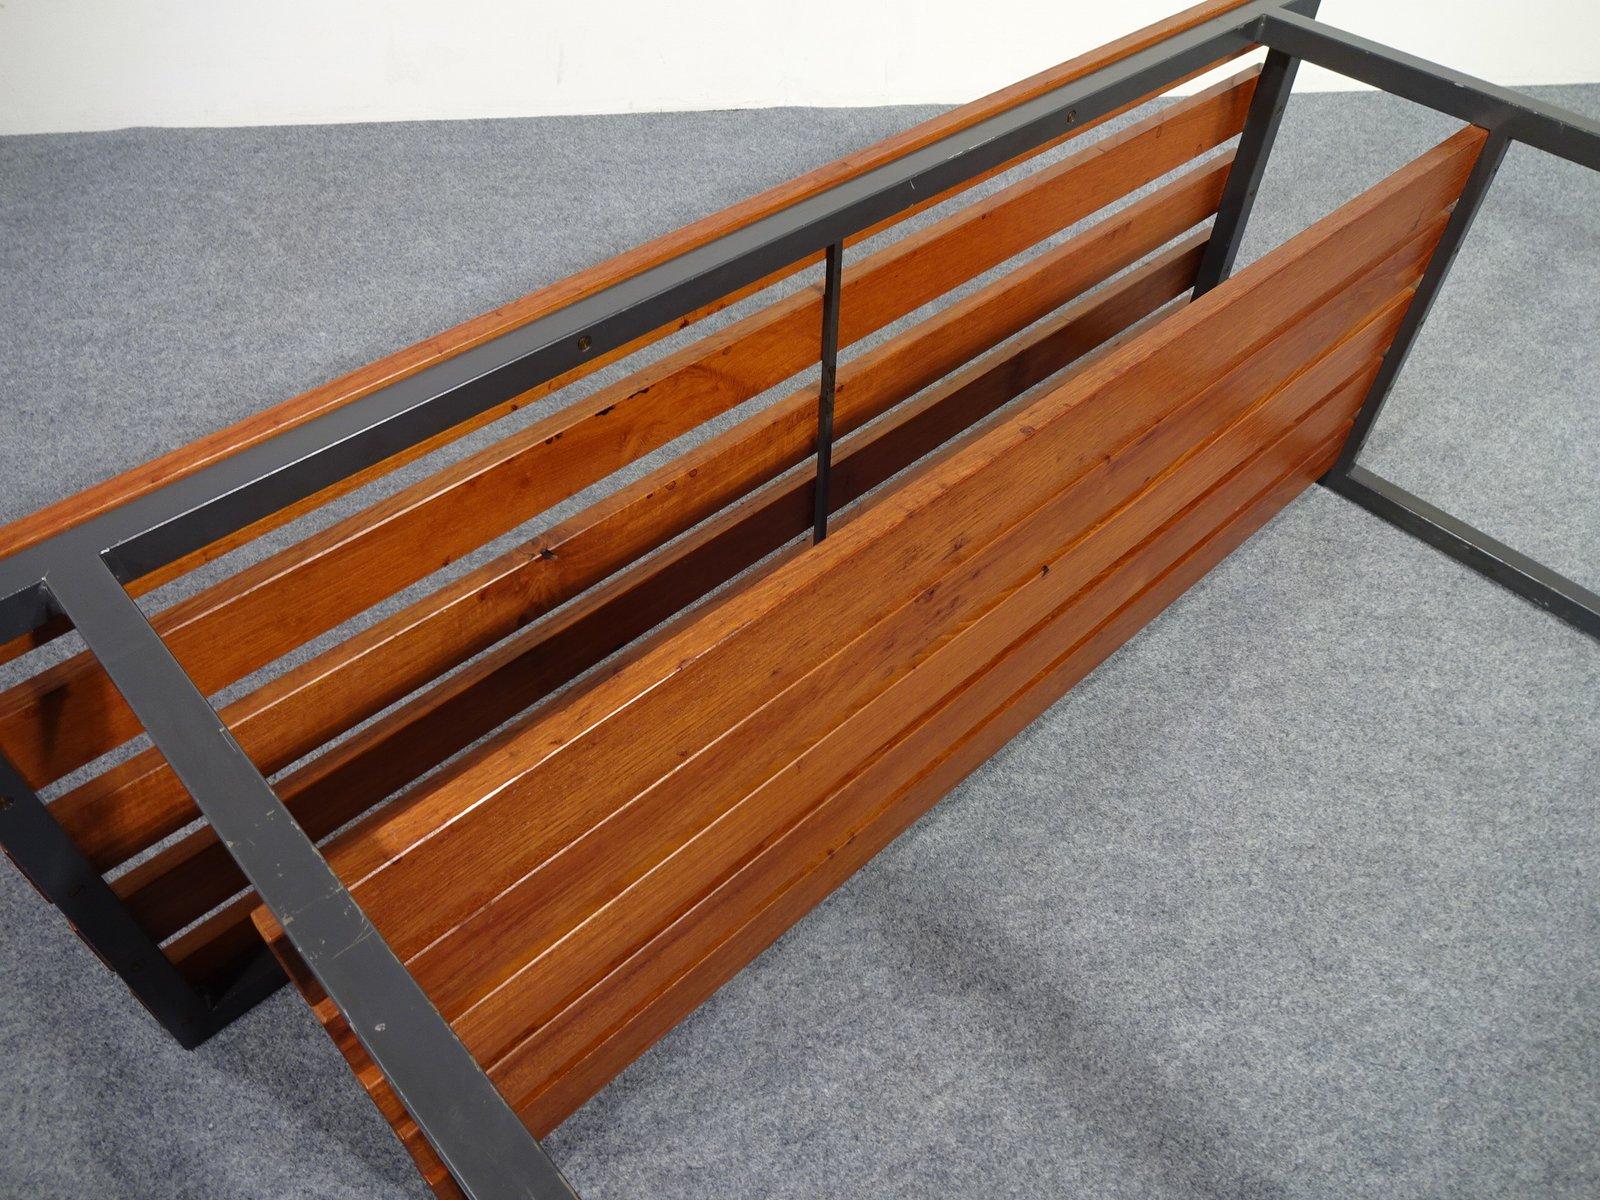 banc en teck et acier tubulaire 1940s en vente sur pamono. Black Bedroom Furniture Sets. Home Design Ideas